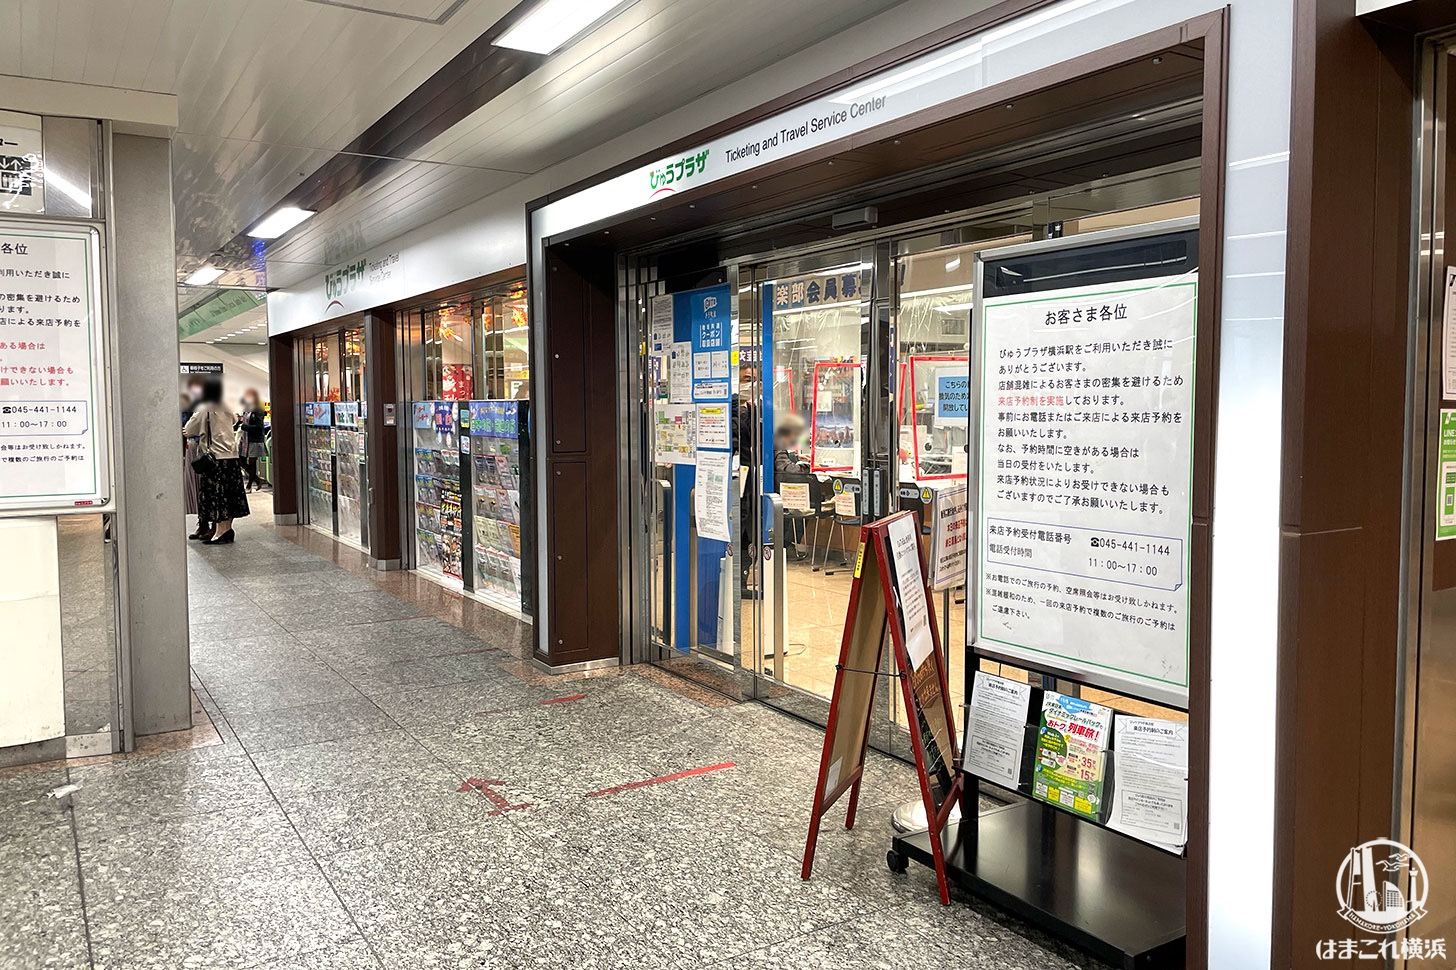 びゅうトラベルサービスびゅうプラザ横浜駅